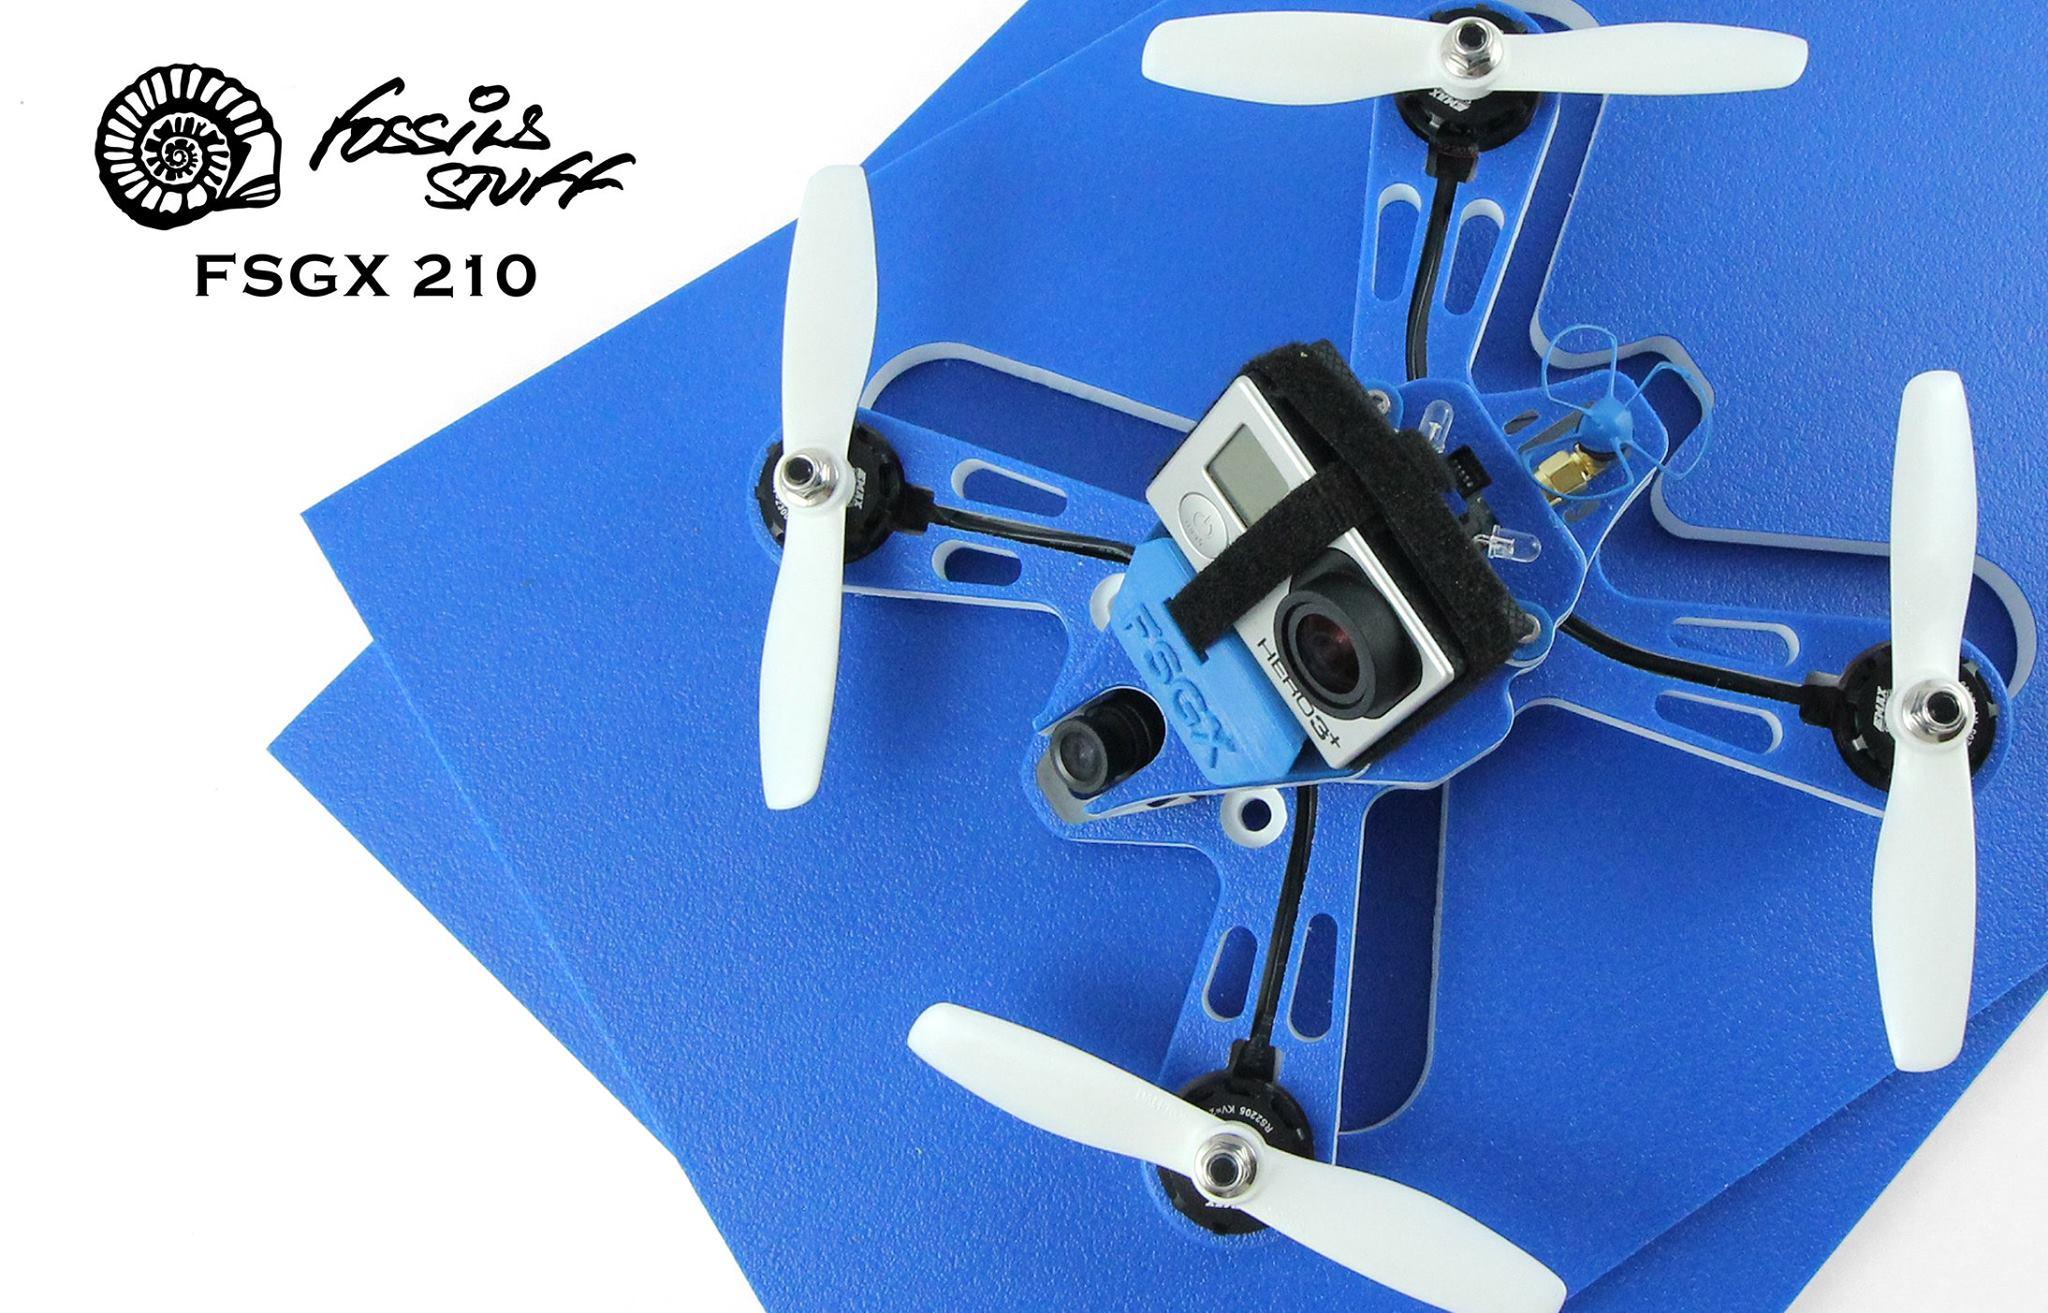 Fossils Stuff Gravity FSGX FPV Racing Drone 210 Quad Frame